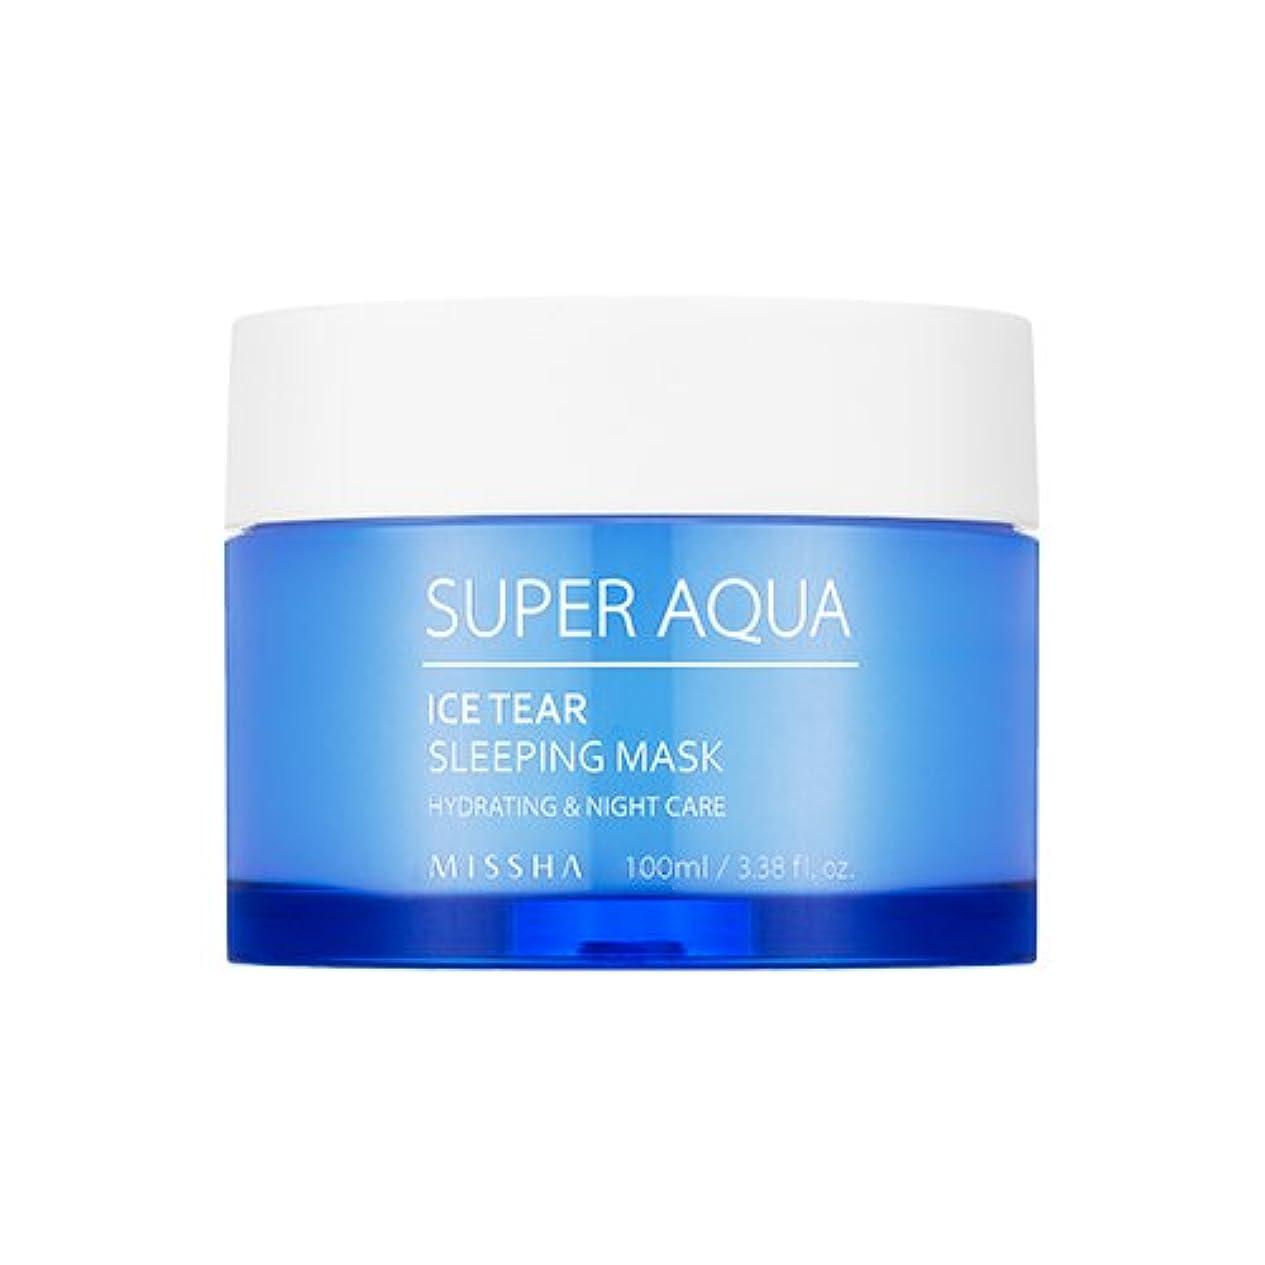 ファブリックインフラ恥ずかしさMISSHA Super Aqua Ice Tear Sleeping Mask 100ml / ミシャ スーパーアクア アイスティアスリーピングマスク [並行輸入品]